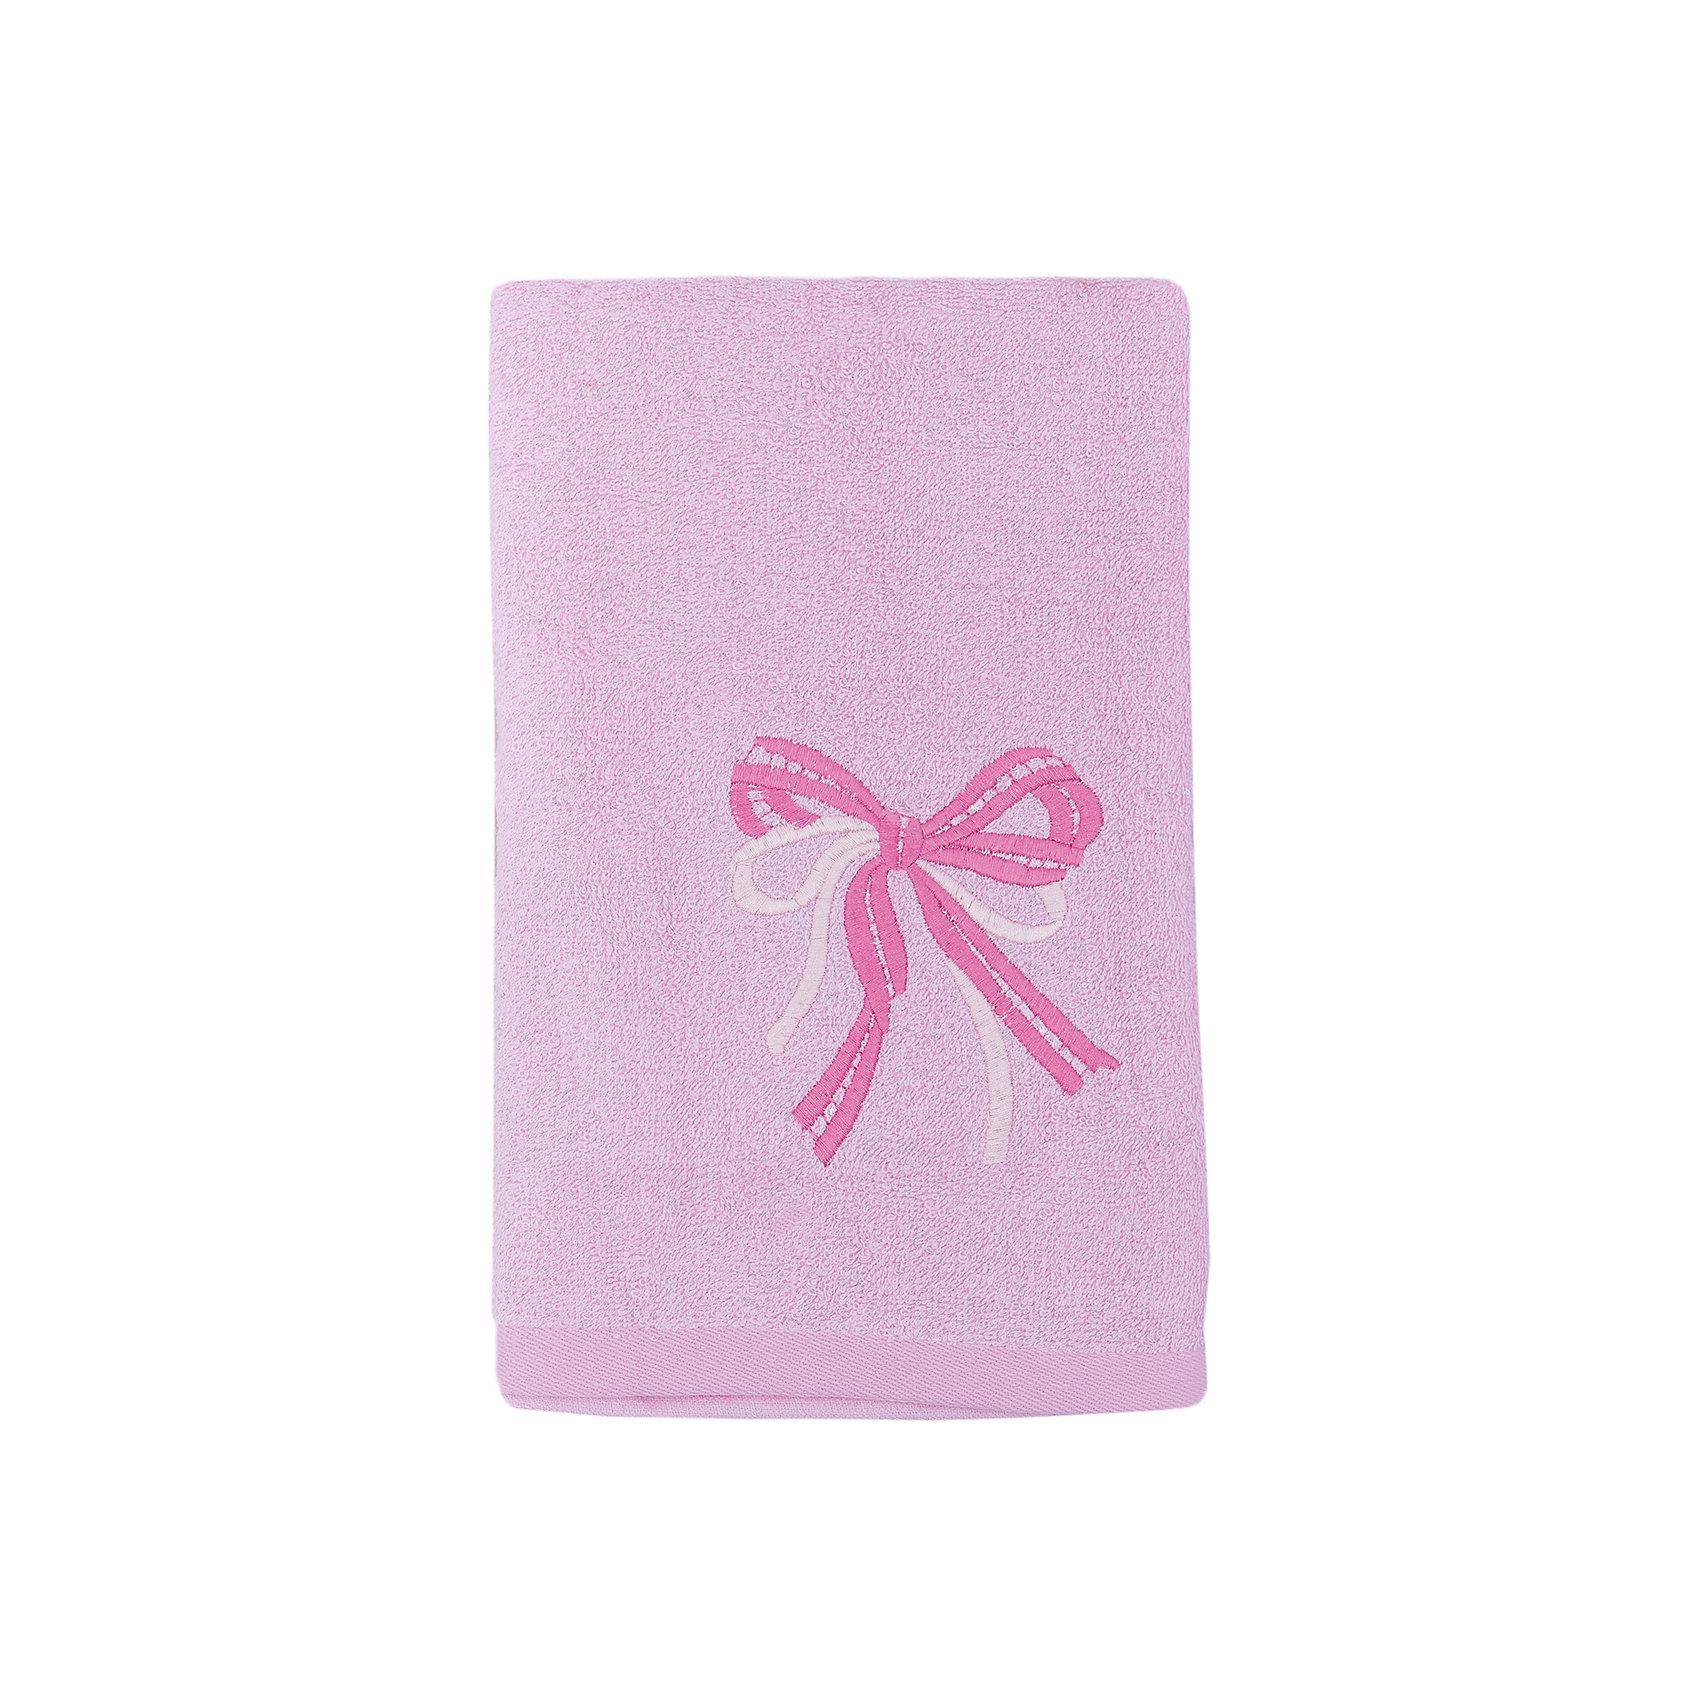 Полотенце махровое Бантик 60*130, Любимый дом, розовыйДомашний текстиль<br>Махровое полотенце Бантик изготовлено из качественного хлопка. Отлично впитывает влагу, сохраняет цвет после стирок и дарит вашей коже комфорт после водных процедур. Полотенце украшено вышивкой в виде бантиков. <br><br>Дополнительная информация:<br>Цвет: розовый<br>Материал: 100% хлопок<br>Размер: 60х130 см<br>Торговая марка: Любимый дом<br><br>Купить махровое полотенце Бантик можно в нашем интернет-магазине.<br><br>Ширина мм: 500<br>Глубина мм: 500<br>Высота мм: 200<br>Вес г: 300<br>Возраст от месяцев: 0<br>Возраст до месяцев: 144<br>Пол: Унисекс<br>Возраст: Детский<br>SKU: 5010967